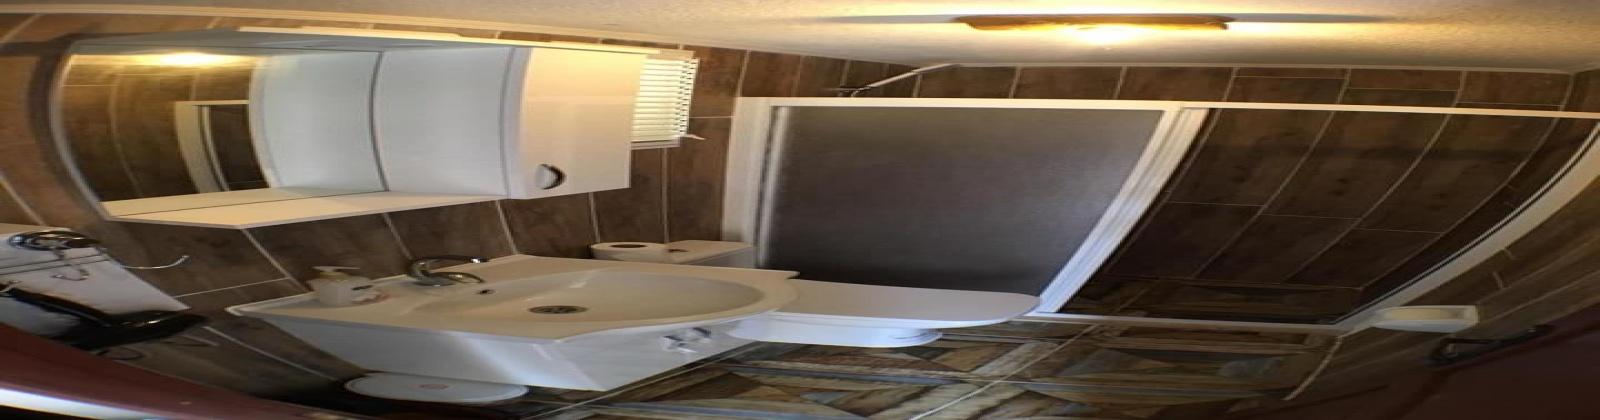 2 Kızılağaç Mevkii 2, Kızılağaç, Muğla 48400, 50 Bedrooms Bedrooms, ,50 BathroomsBathrooms,Villa,For sale,Kızılağaç Butik Otel,Kızılağaç Mevkii,50,1004